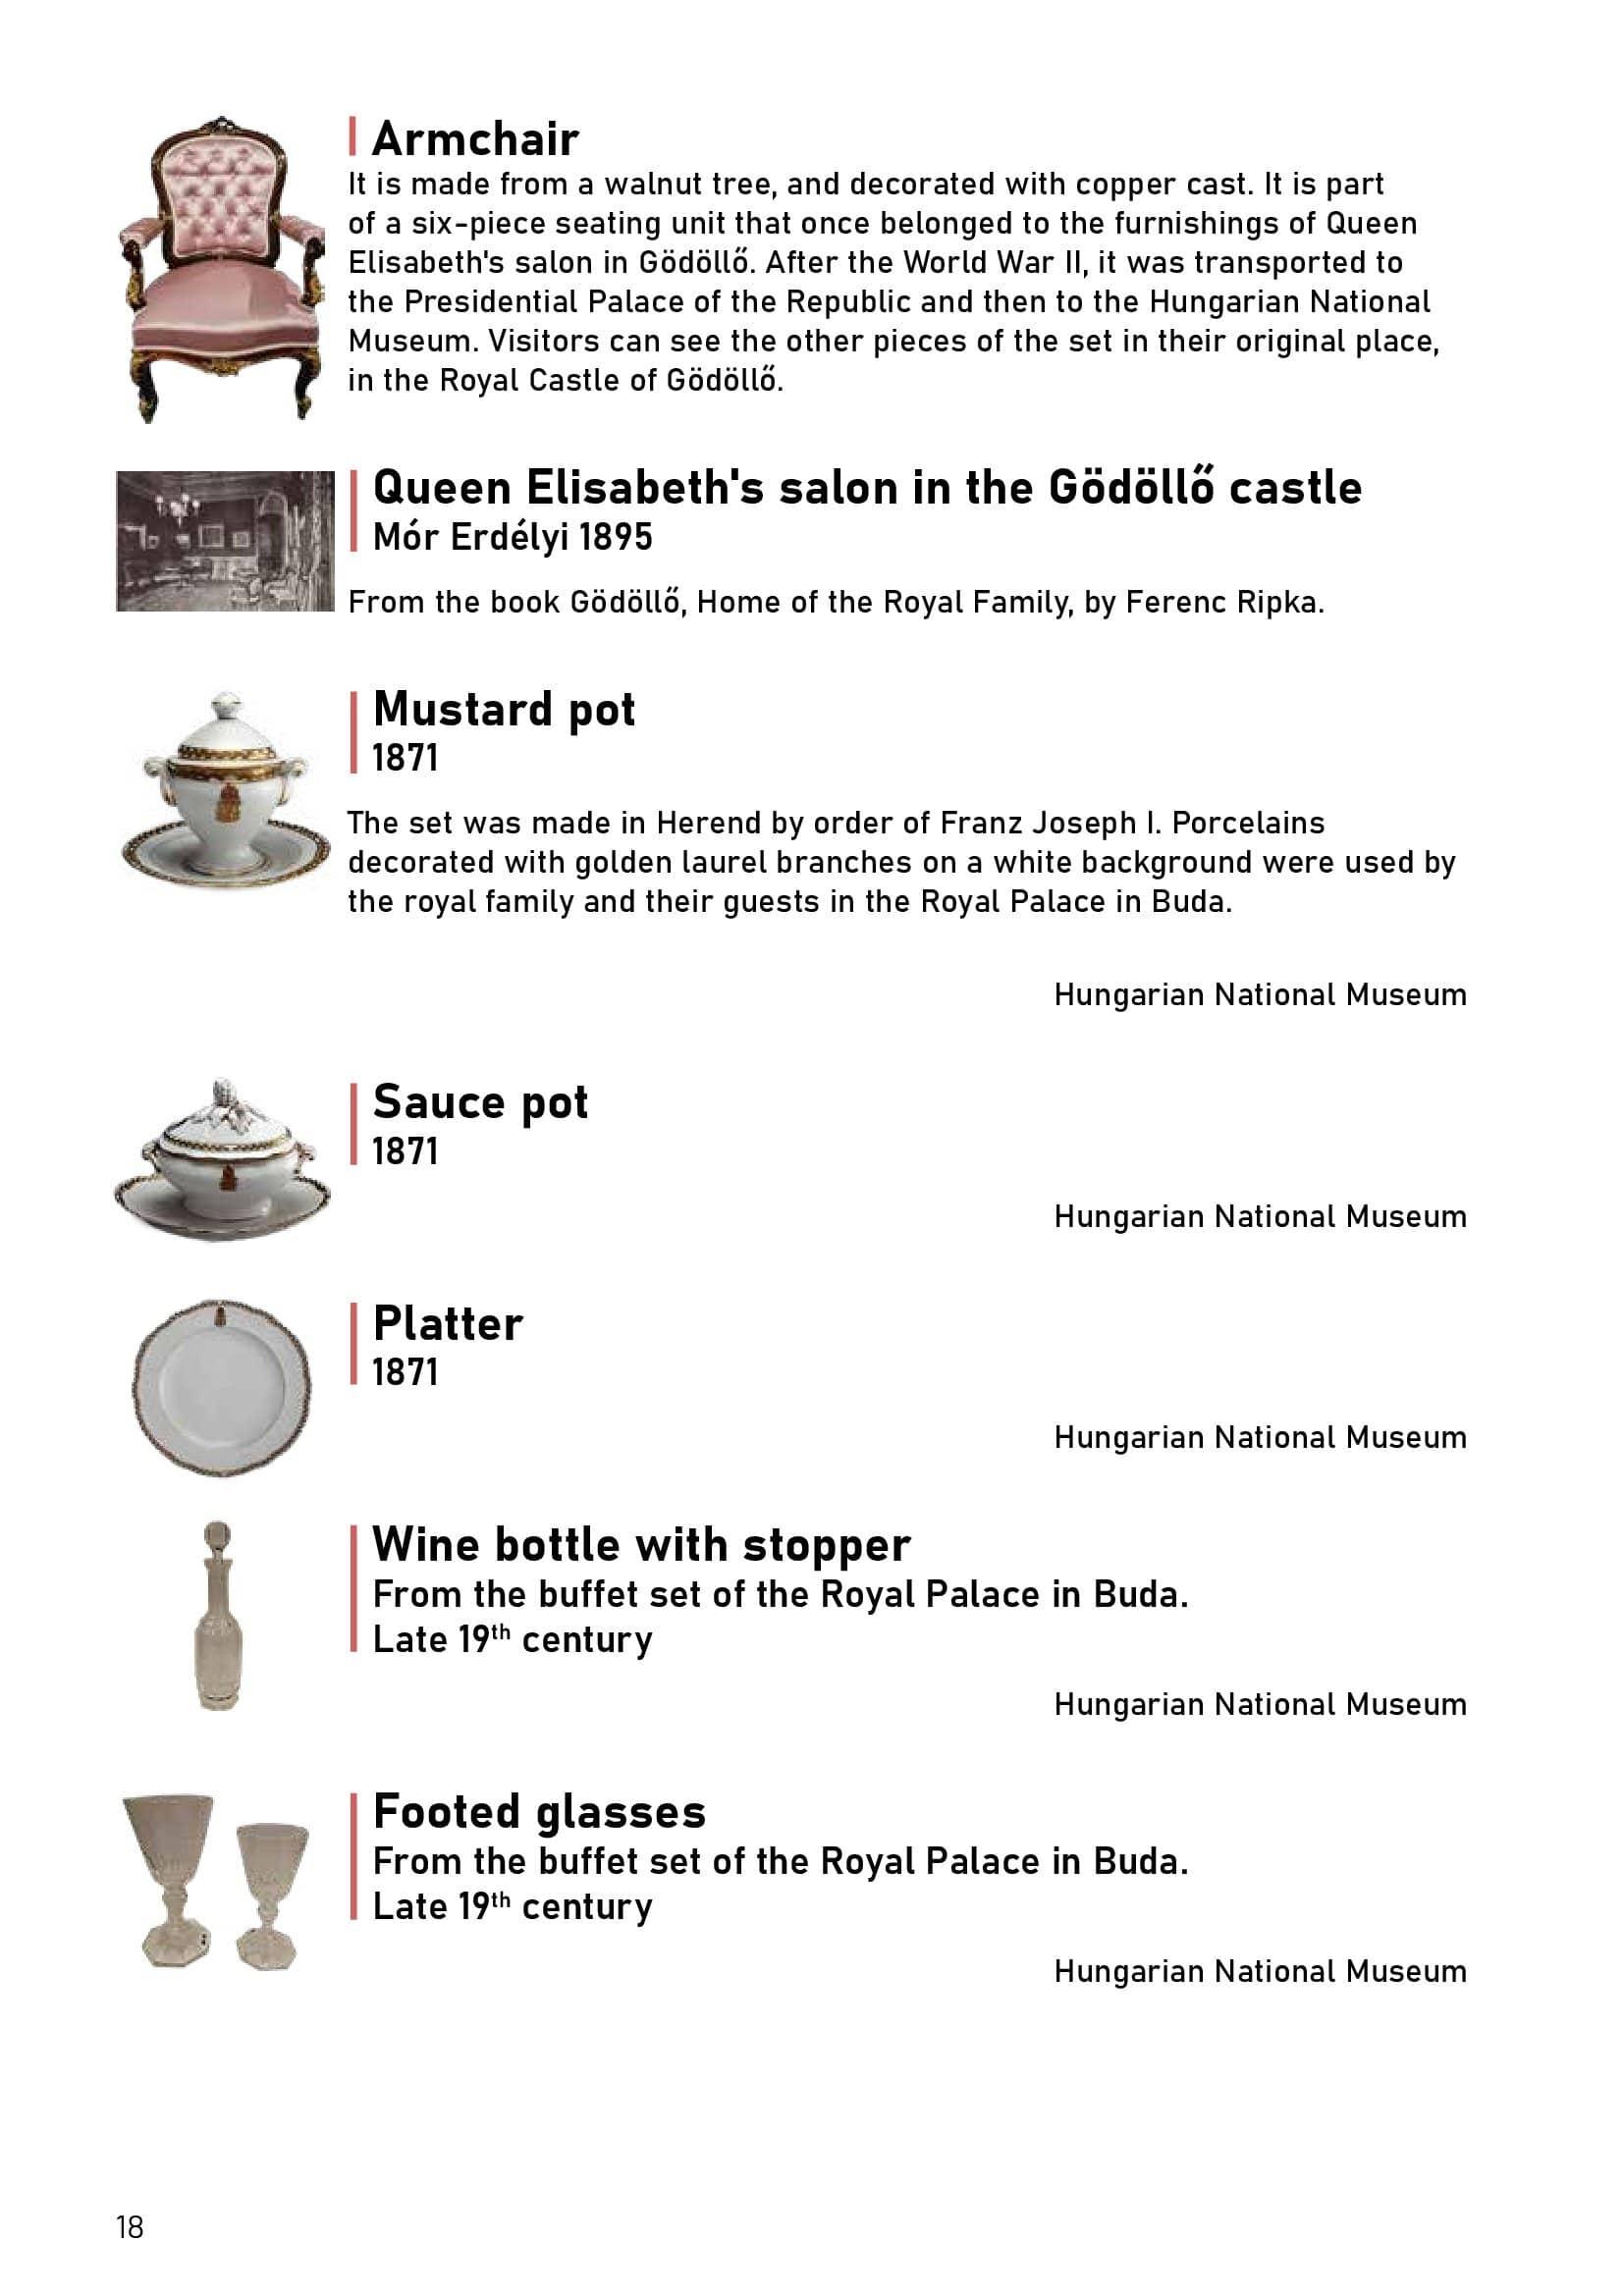 Sisi English guide_00018